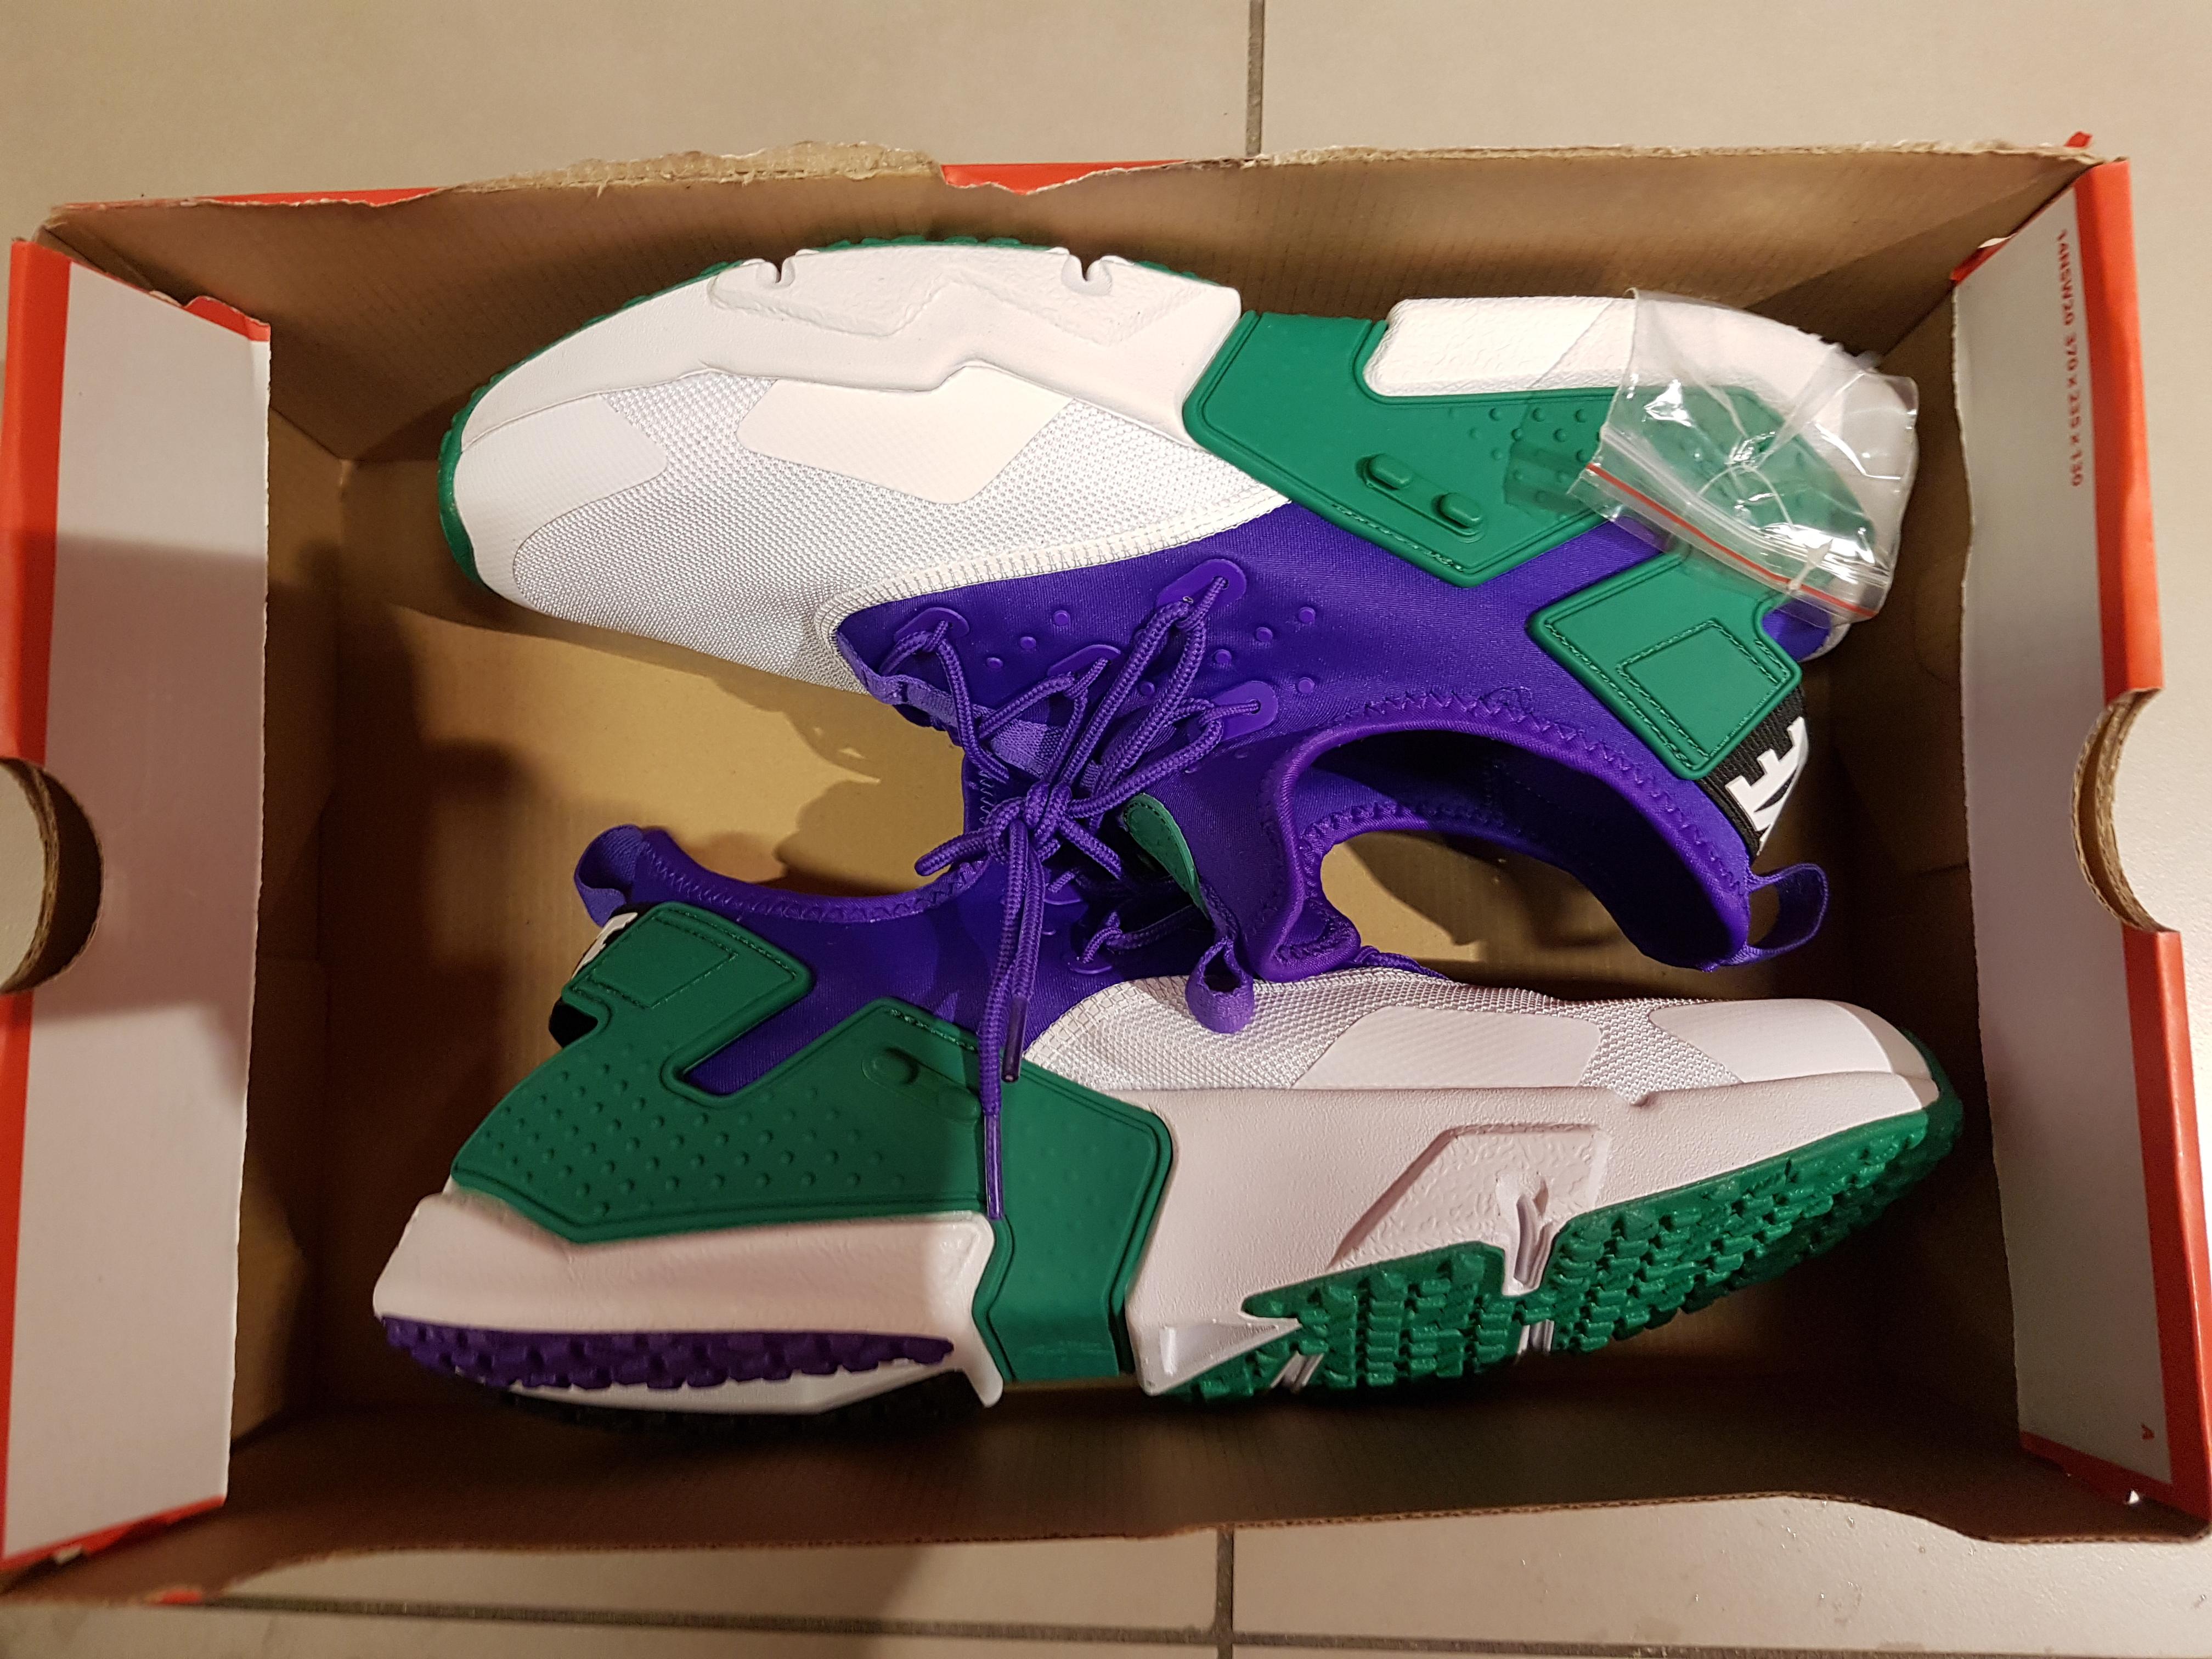 50% de réduction sur une sélection de chaussures Homme et 30% sur une sélection Femme & Enfants - Factory Store Claye-Souilly (77)